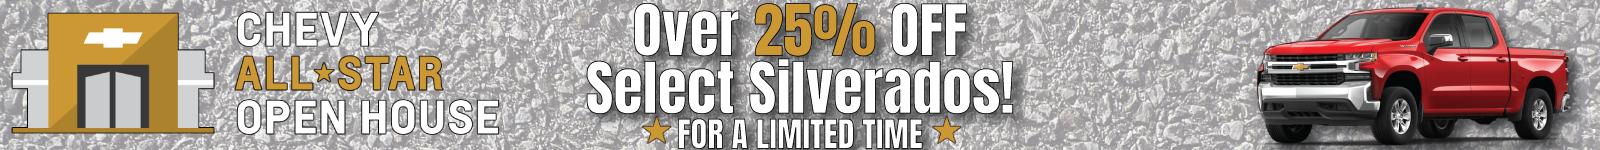 chevy silverado sale